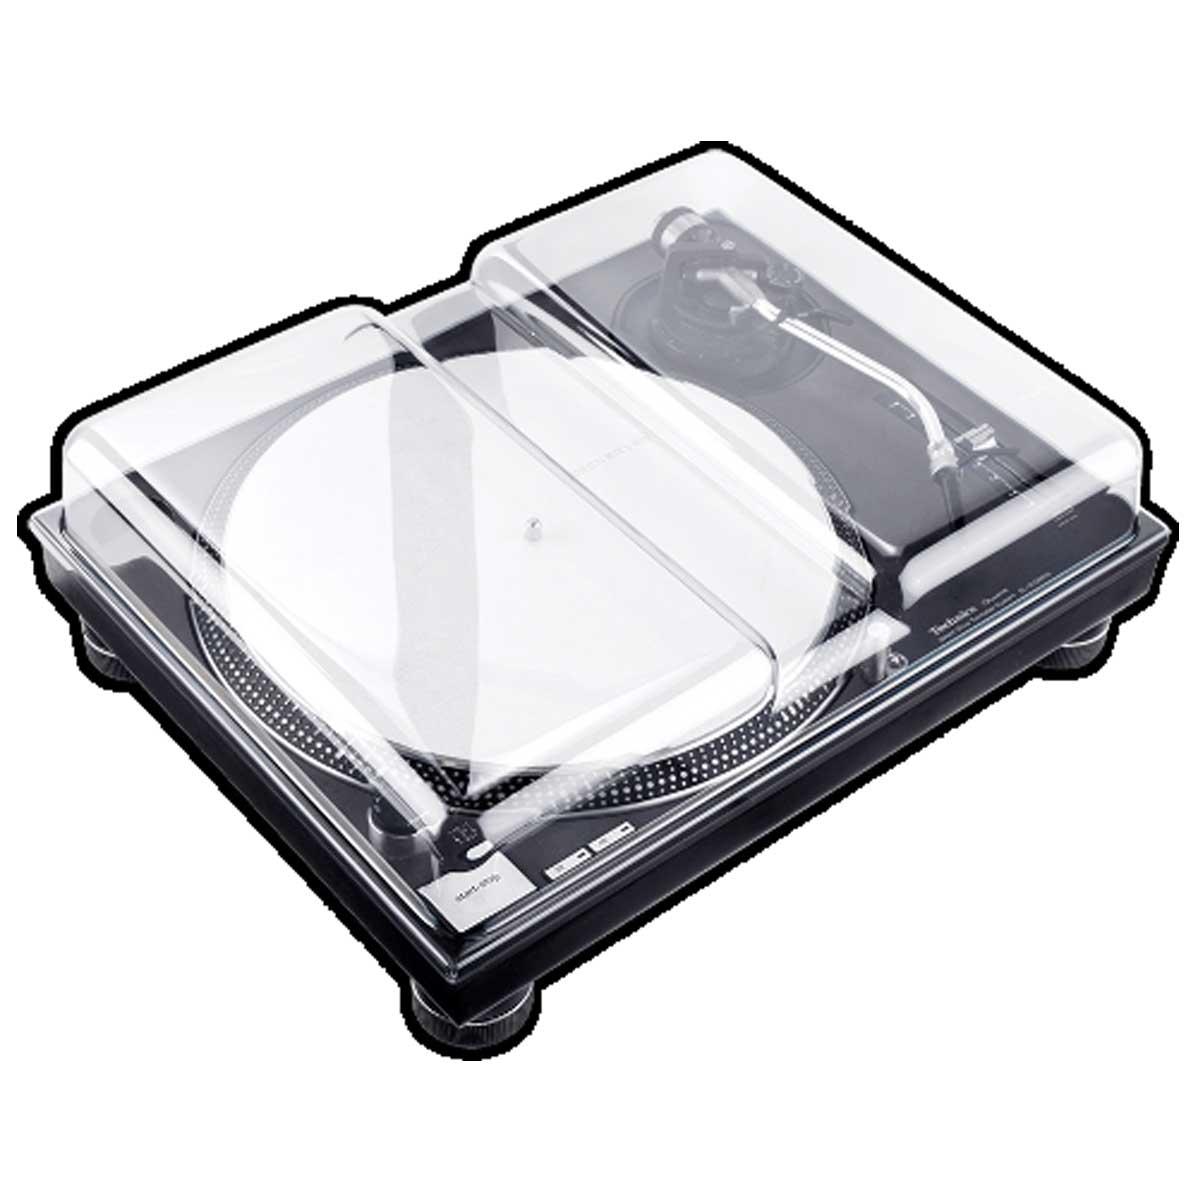 Decksaver デッキセーバー / DS-PC-SL1200 各種DJターンテーブル用保護カバー【お取り寄せ商品】